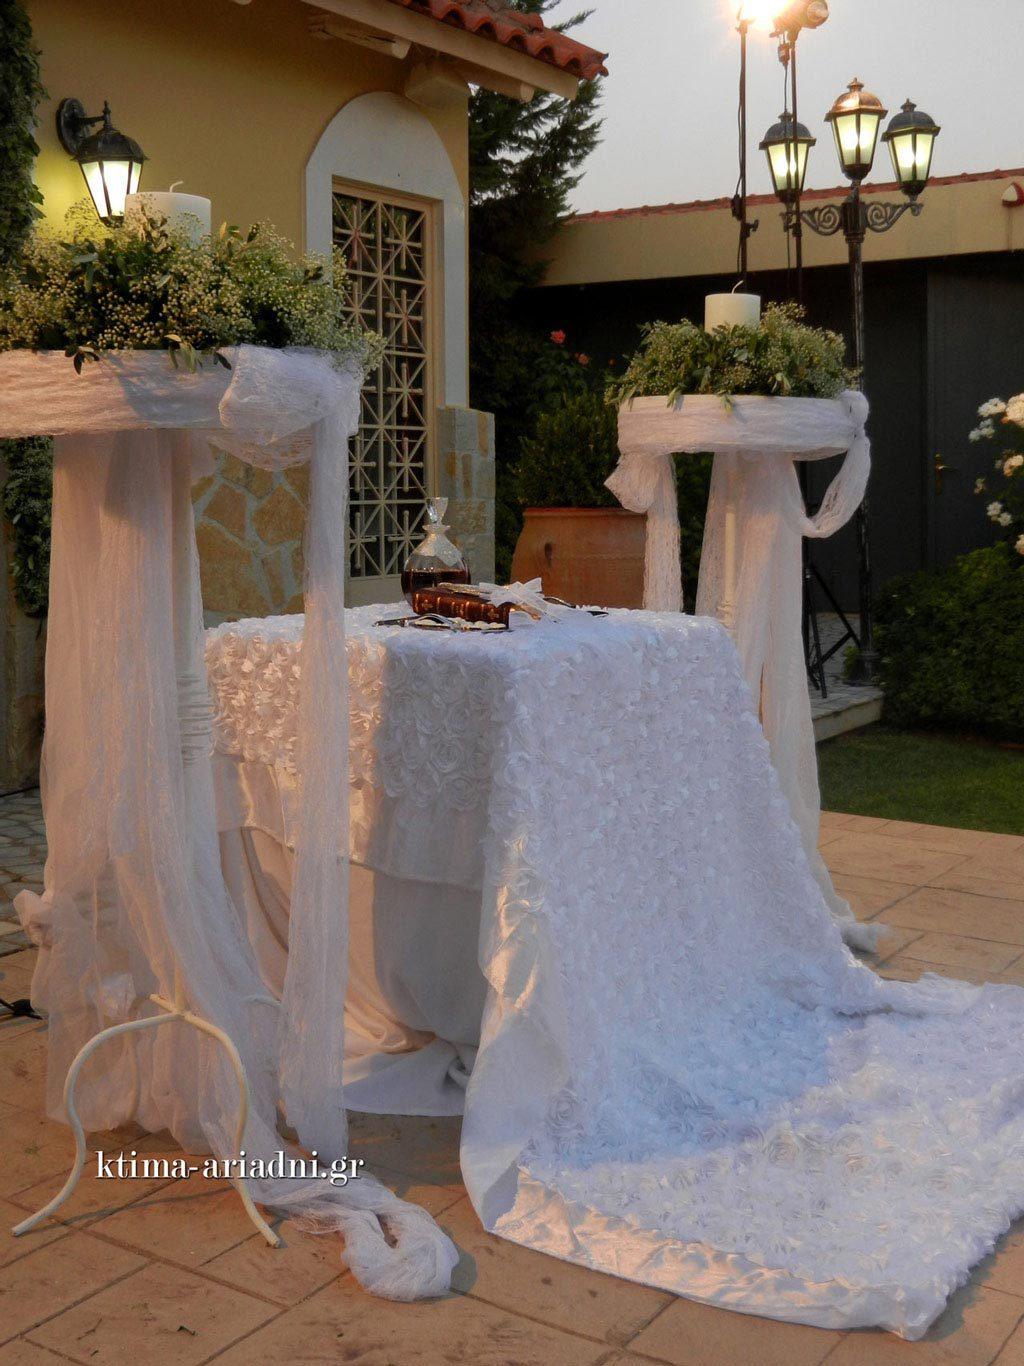 Στην εκκλησία του Αγ. Γεωργίου διαθέτουμε όλα τα απαραίτητα εκκλησιαστικά είδη και κάθε άλλο αντικείμενο που απαιτείται για τα μυστήρια του γάμου και της βάπτισης. Βεβαίως, κάθε ζευγάρι είναι ελεύθερο να κάνει τις δικές του επιλογές, όπως για παράδειγμα να χρησιμοποιήσει κάποιο ιδιαίτερο κάλυμμα για το τραπέζι της εκκλησίας